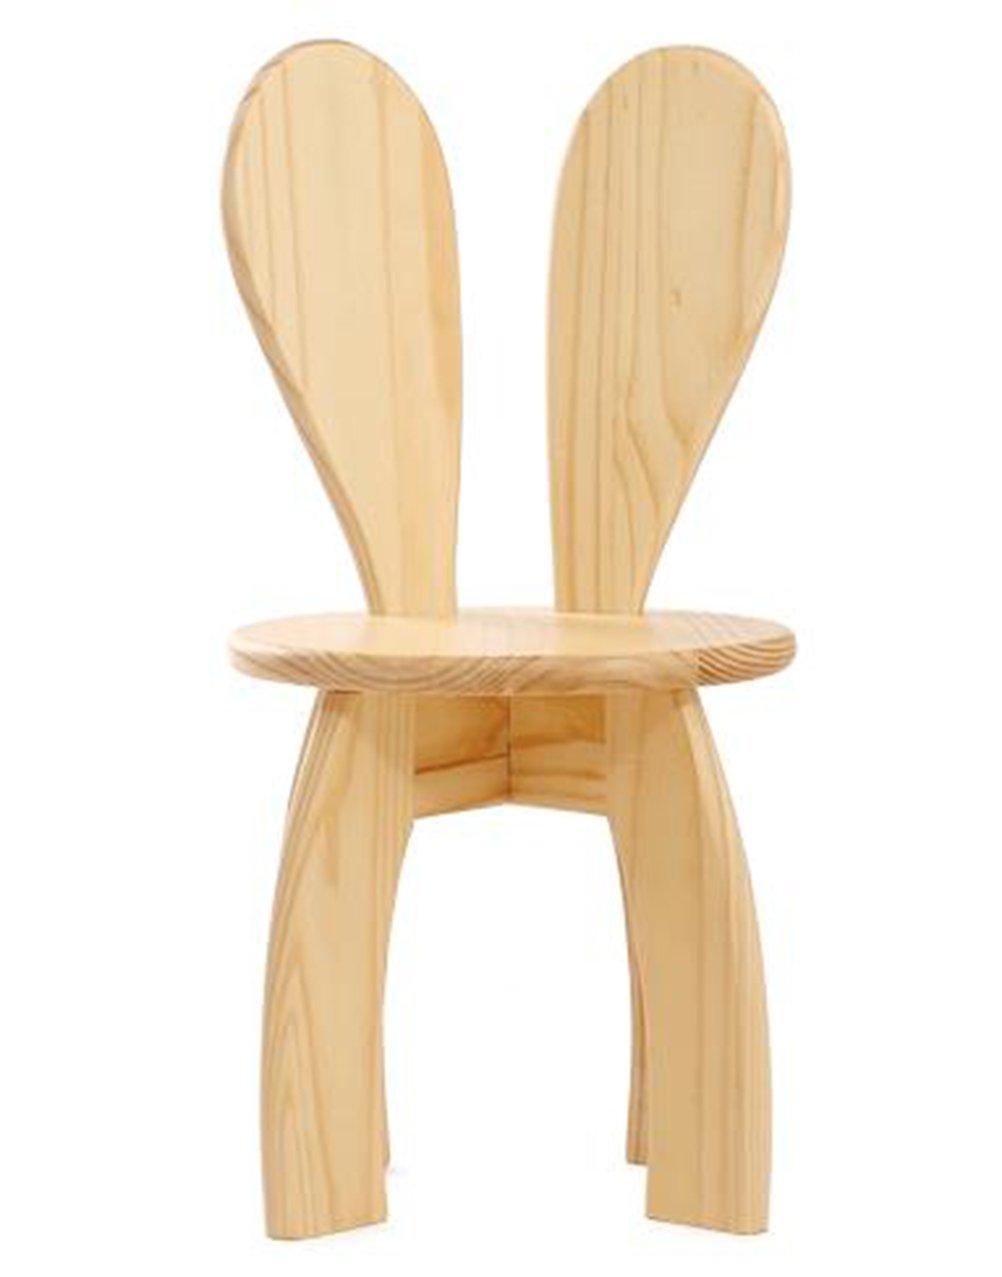 Hb Ye Hocker Kinder Stuhl Baby Holzbank Lernen Essen Stuhl